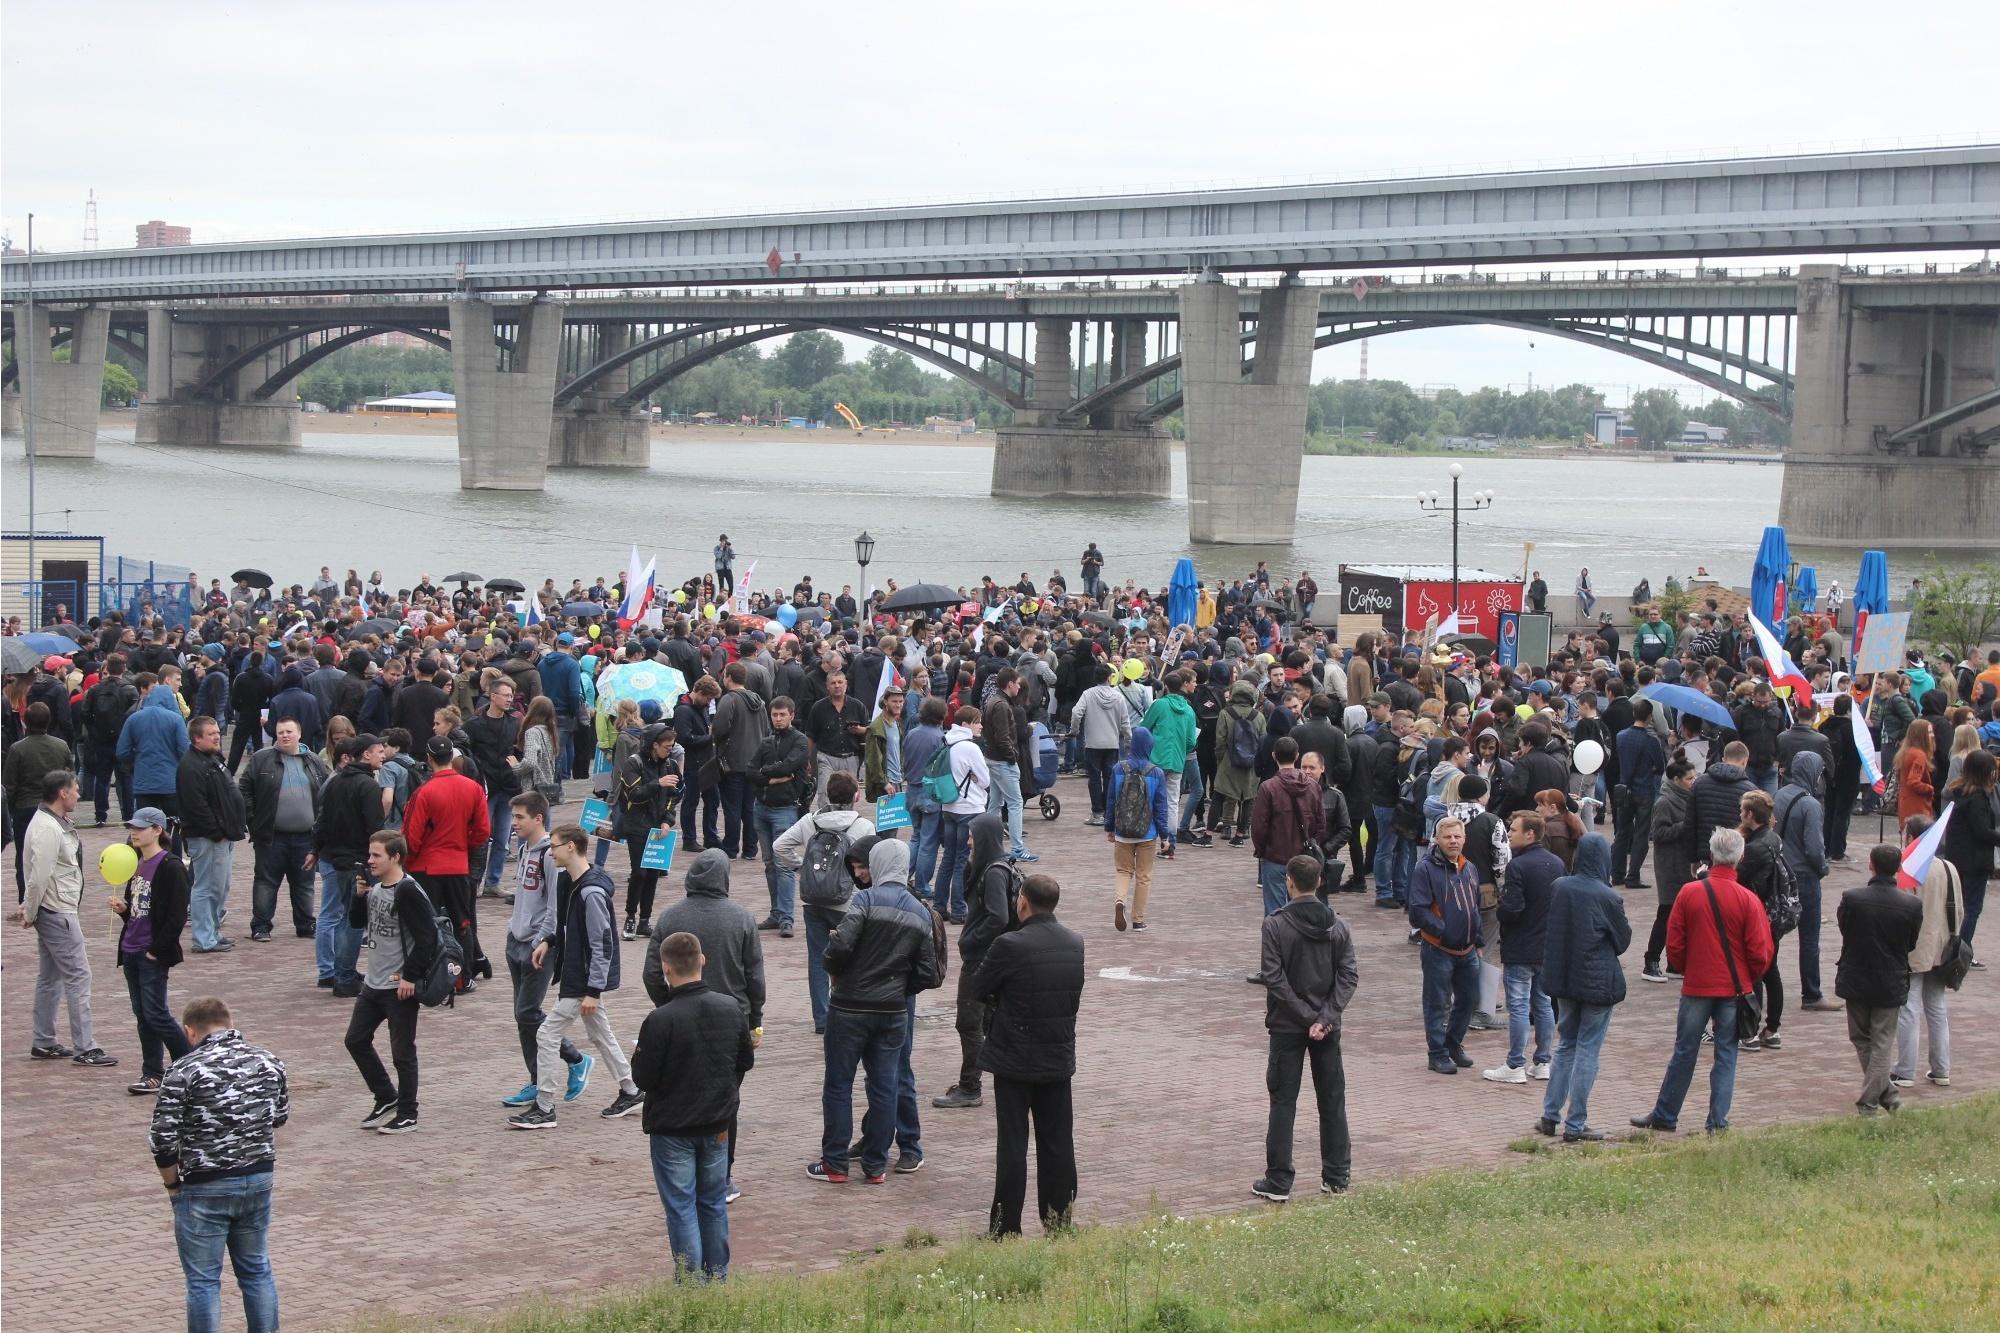 По оценке корреспондента НГС.НОВОСТИ, на Михайловской набережной собралось не менее 3 тыс. человек